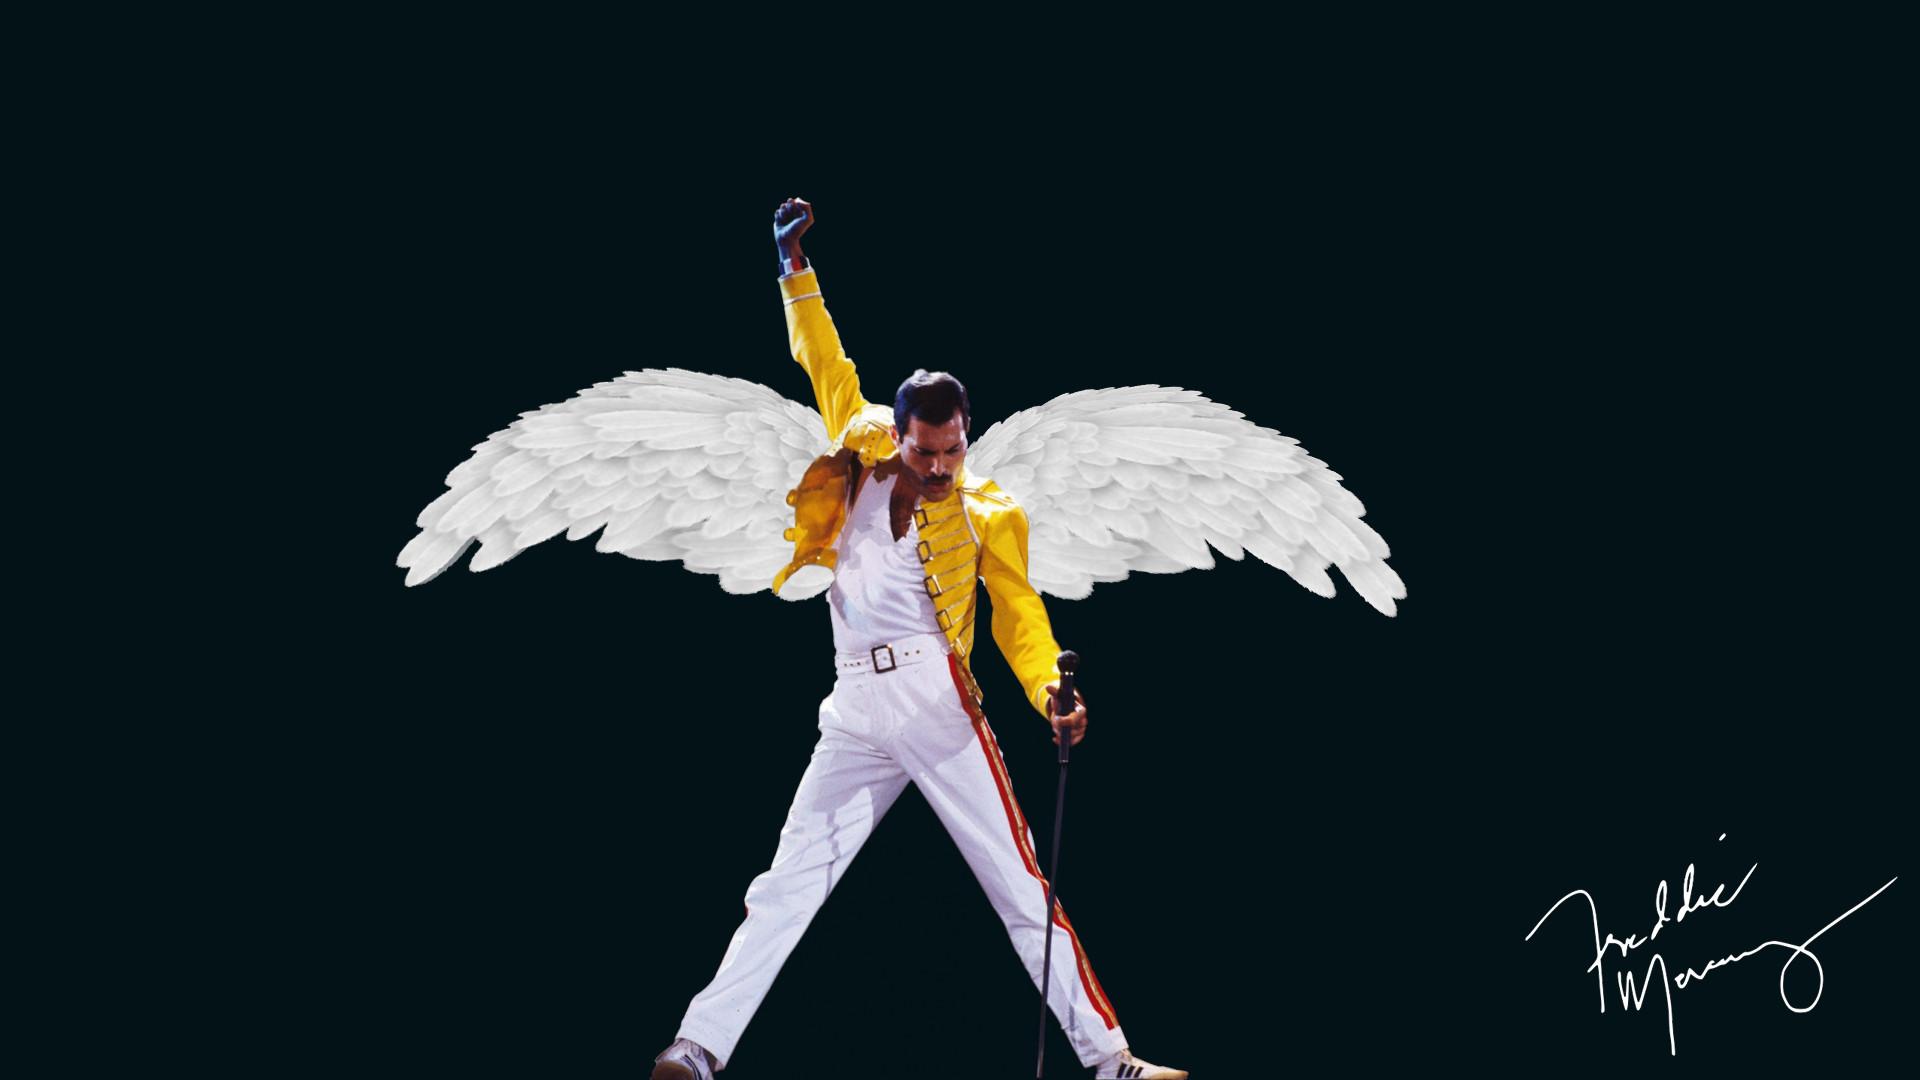 Freddie Mercury Wallpapers 76 Images